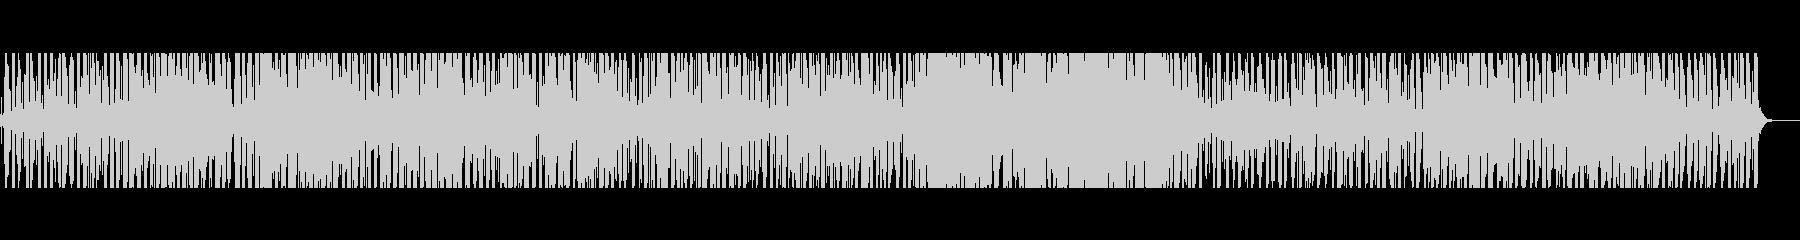 [生演奏]軽快なアコギのリズミカルな曲の未再生の波形